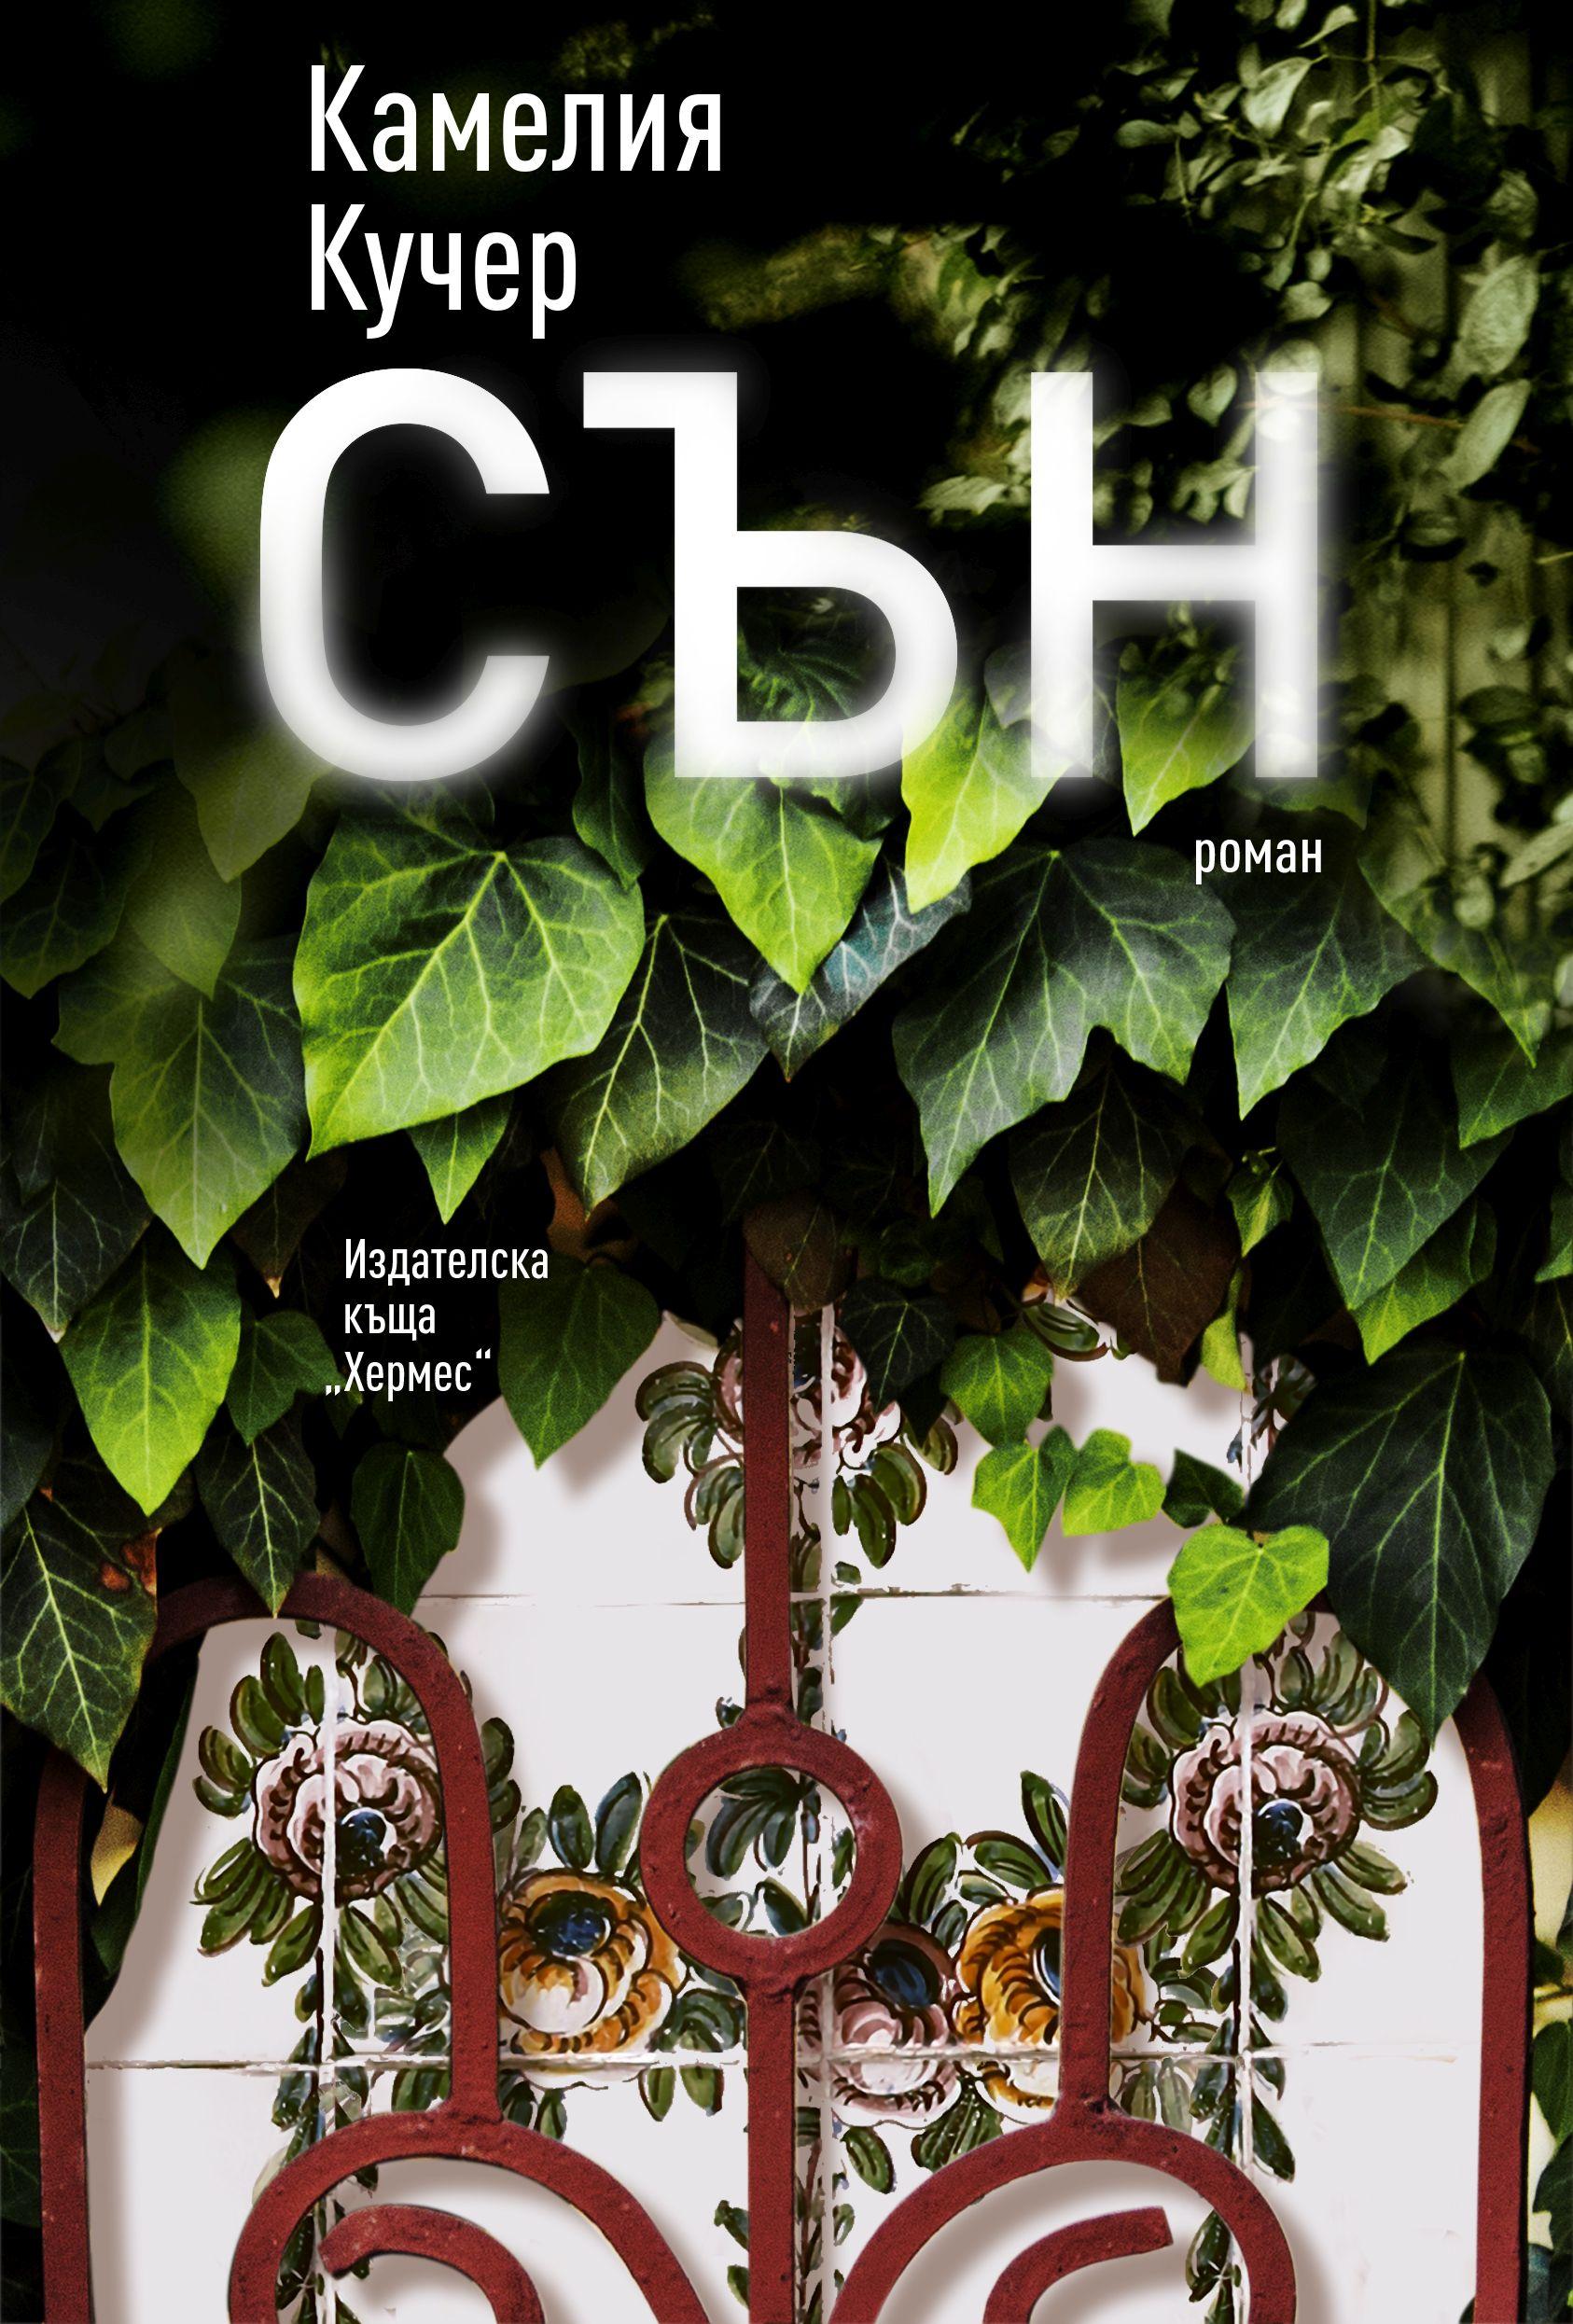 """Дългоочакваният трети роман на Камелия Кучер - """"Сън"""", излиза на 13 октомври"""